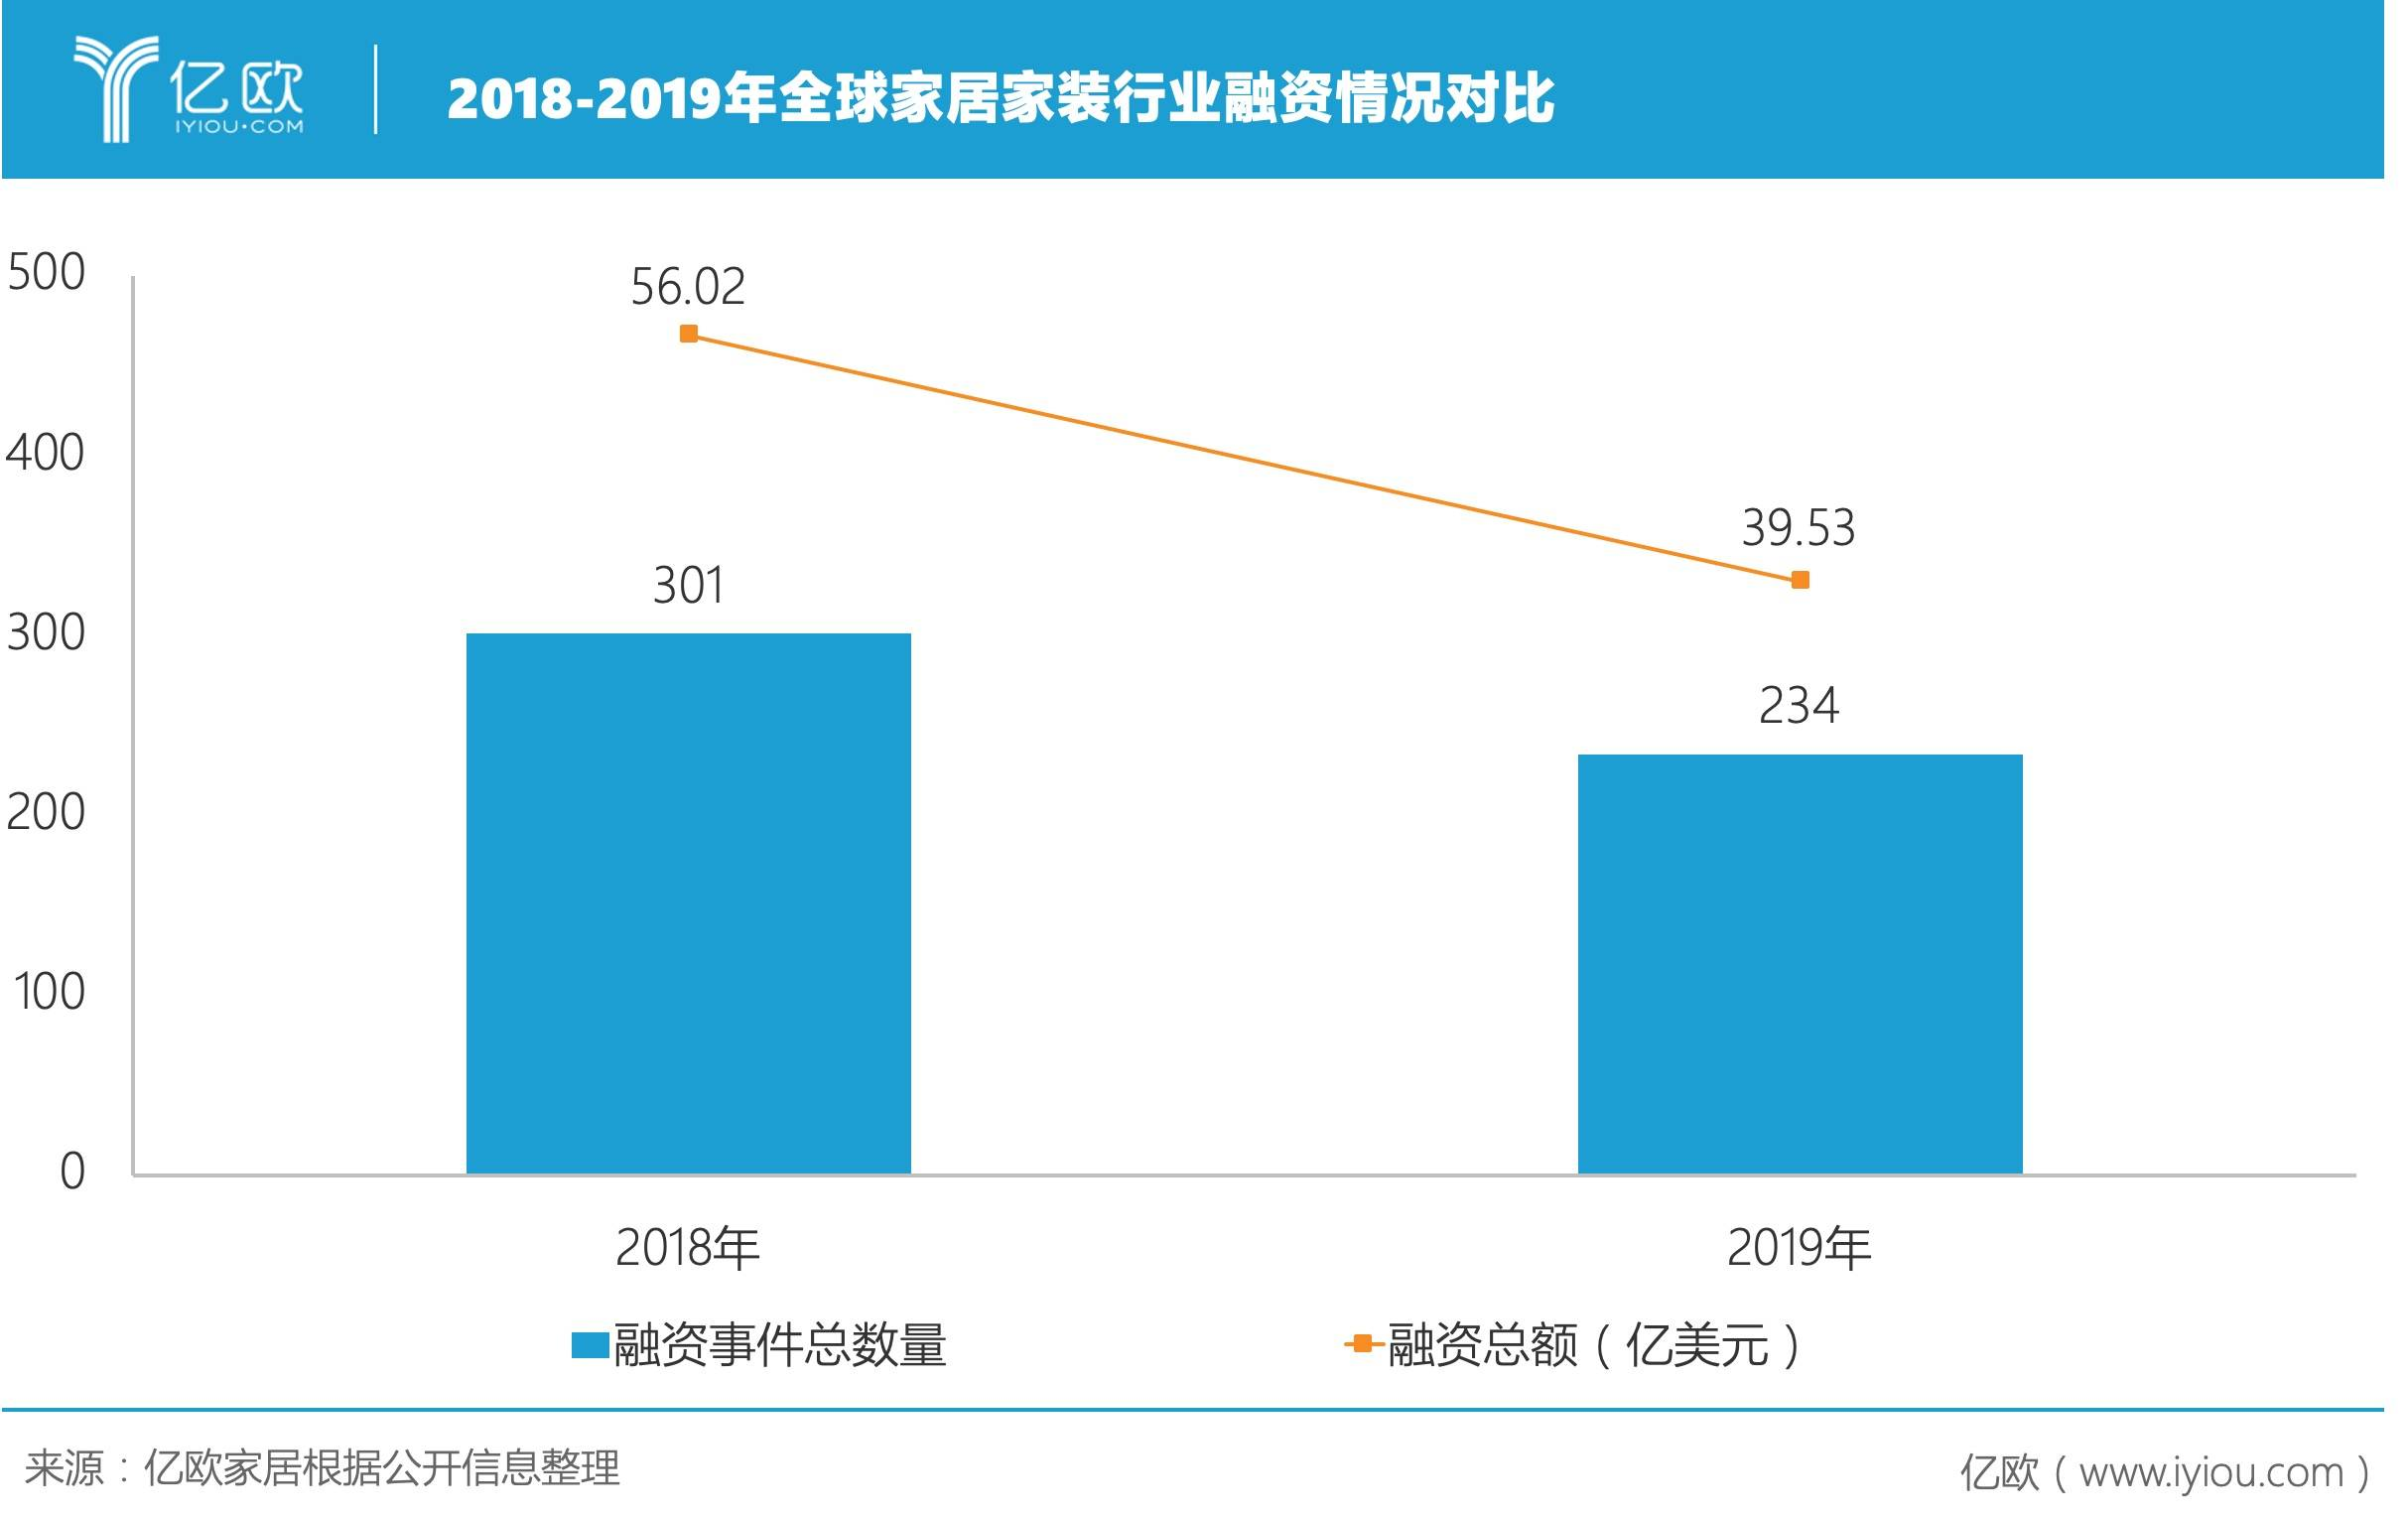 2018-2019年全球家居家装行业融资情况对比